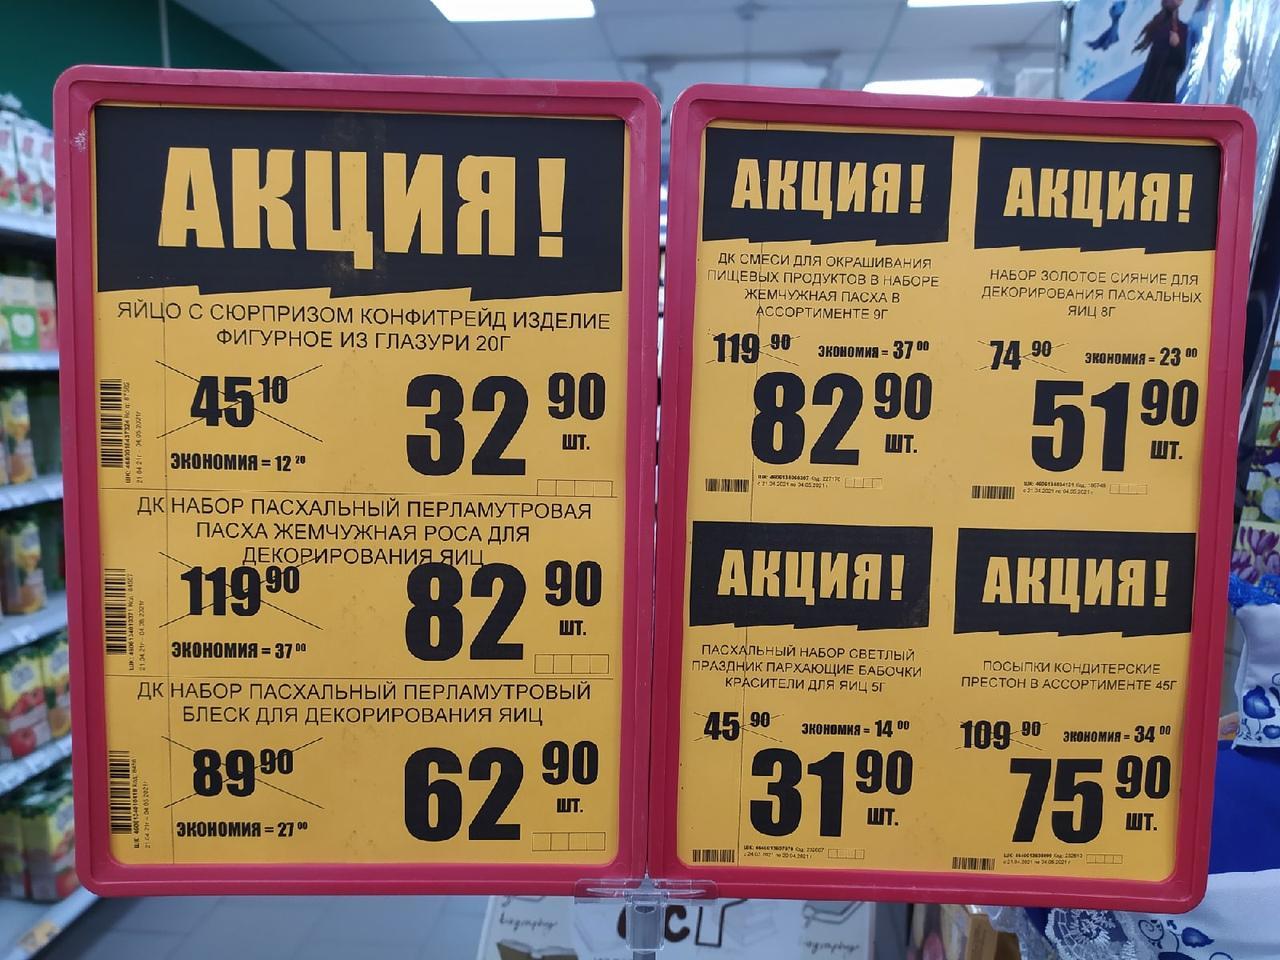 фото Куличи и красители для яиц к Пасхе: обзор цен на праздничные товары в Новосибирске 7